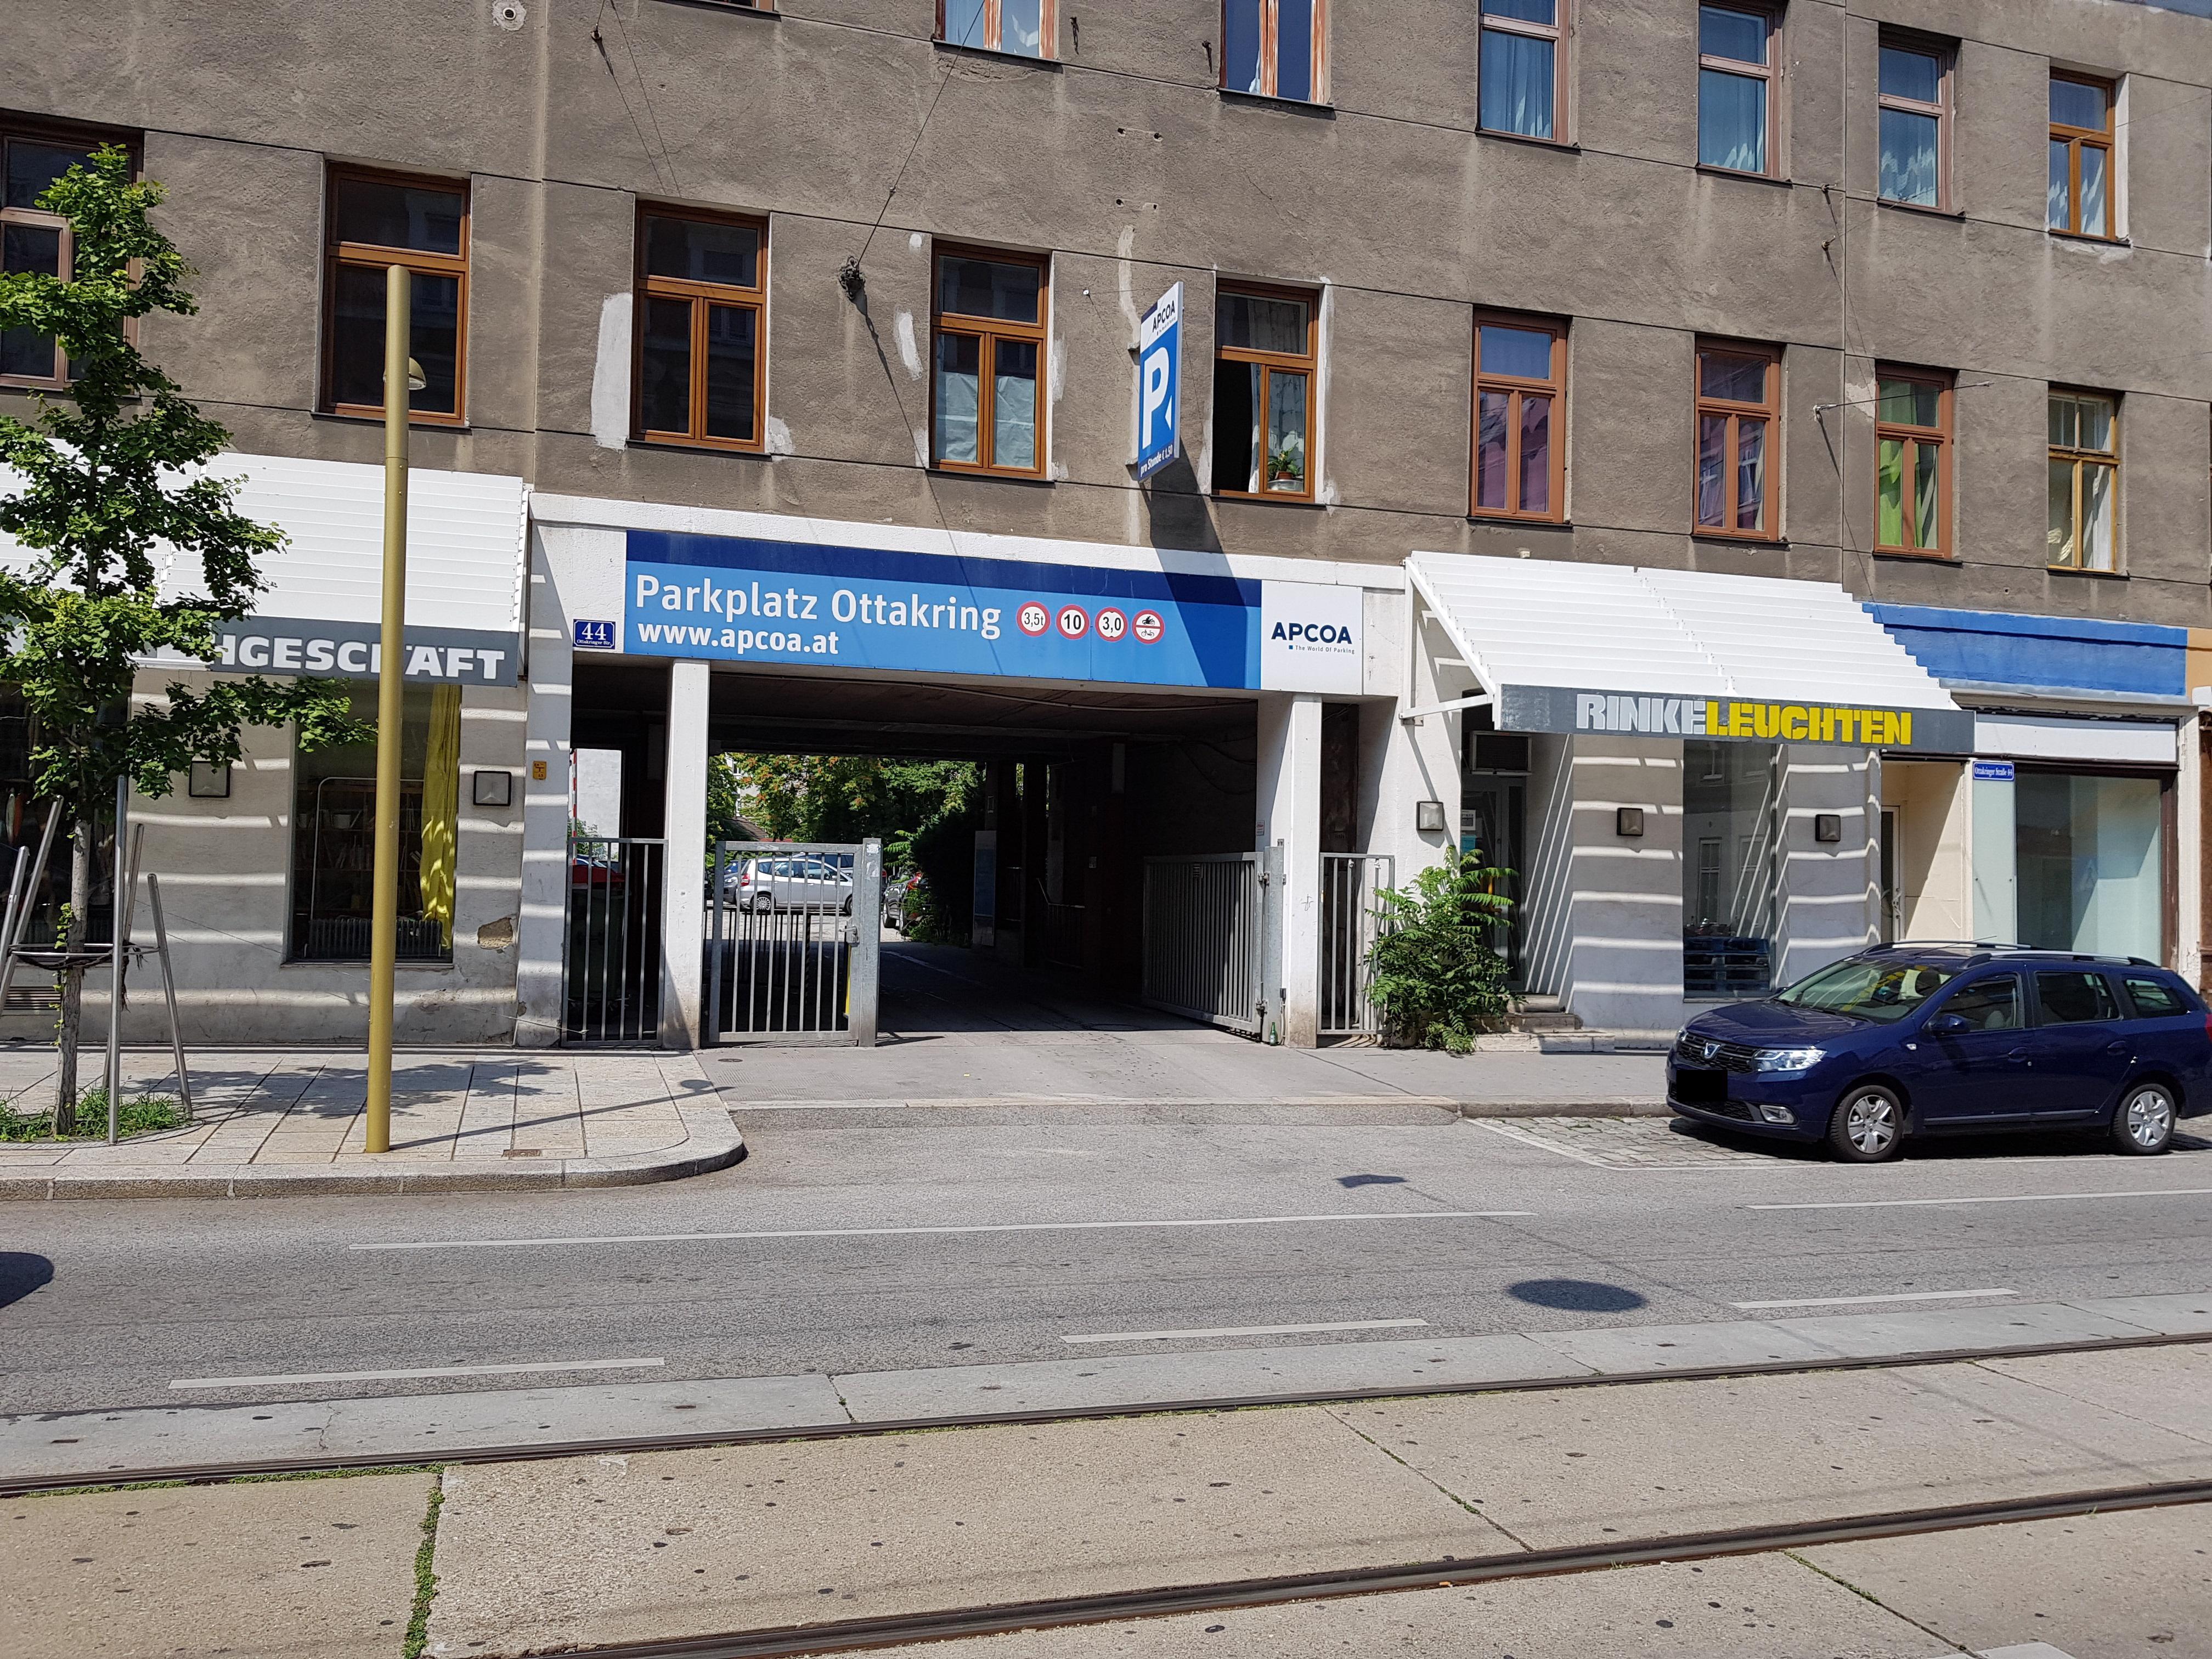 Parking In Parkplatz Ottakringer Strasse Wien Apcoa Apcoa Parking